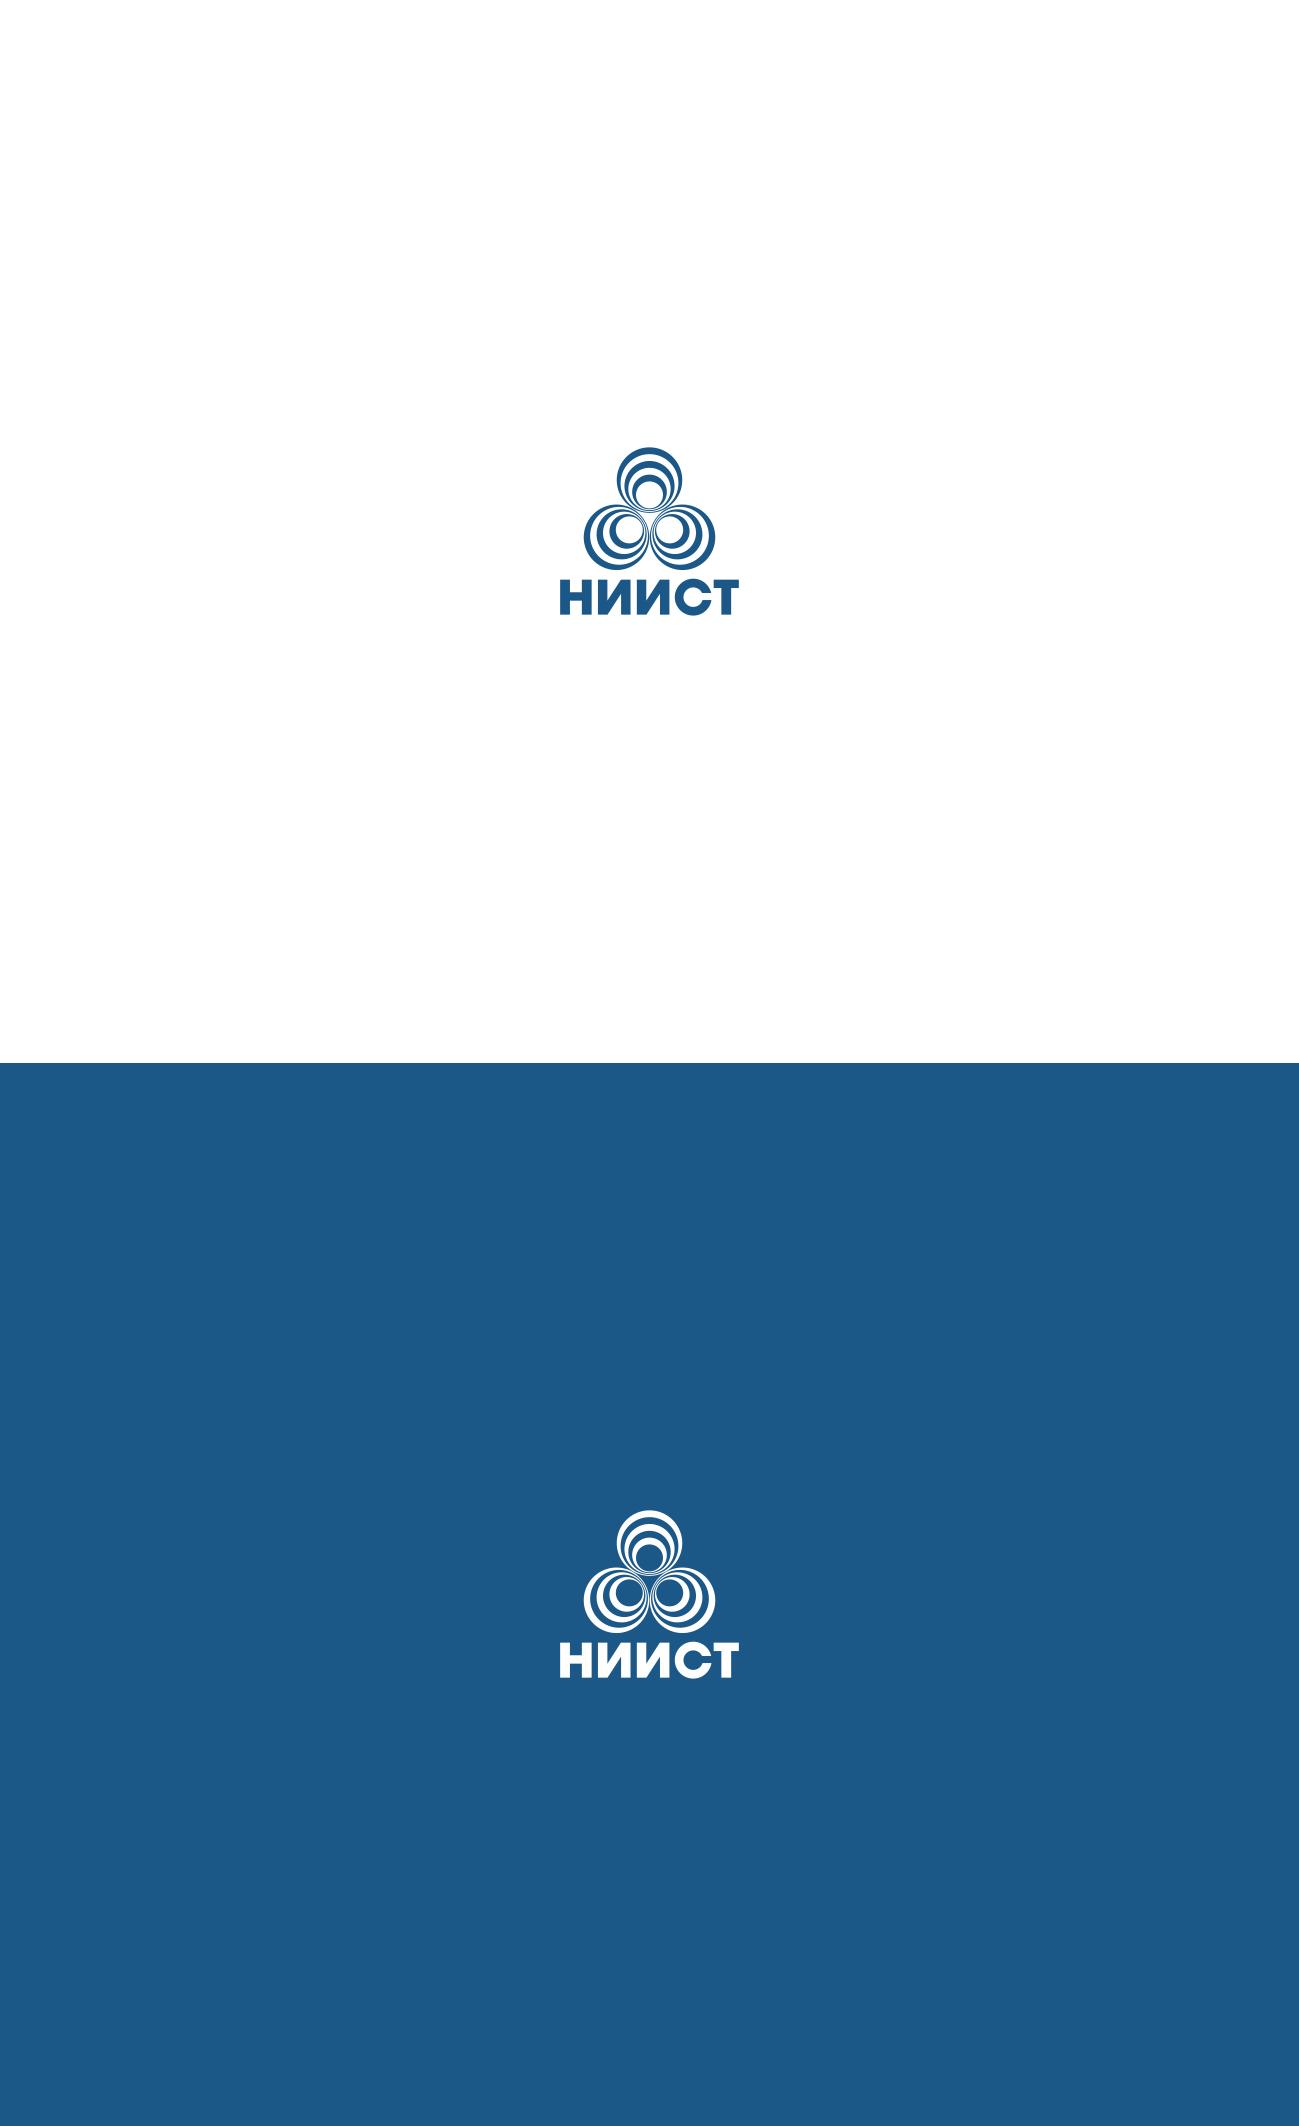 Разработка логотипа фото f_4515ba4cf72dfb9a.png